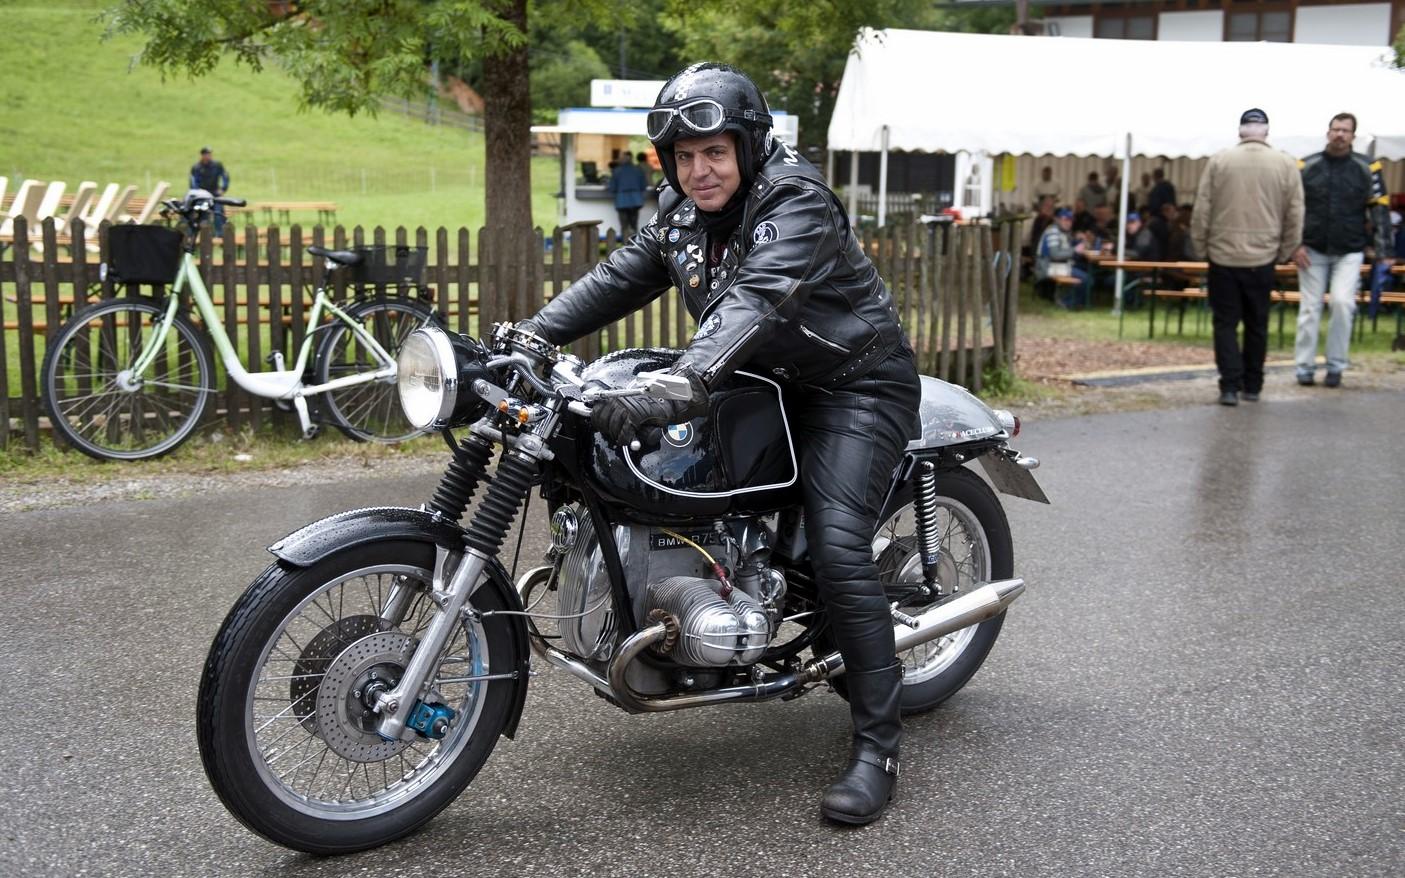 bmw-motorrad-days-2011-il-raduno-in-100-scatti-fa7ba3a1608325f31a6eeab603740387.jpg